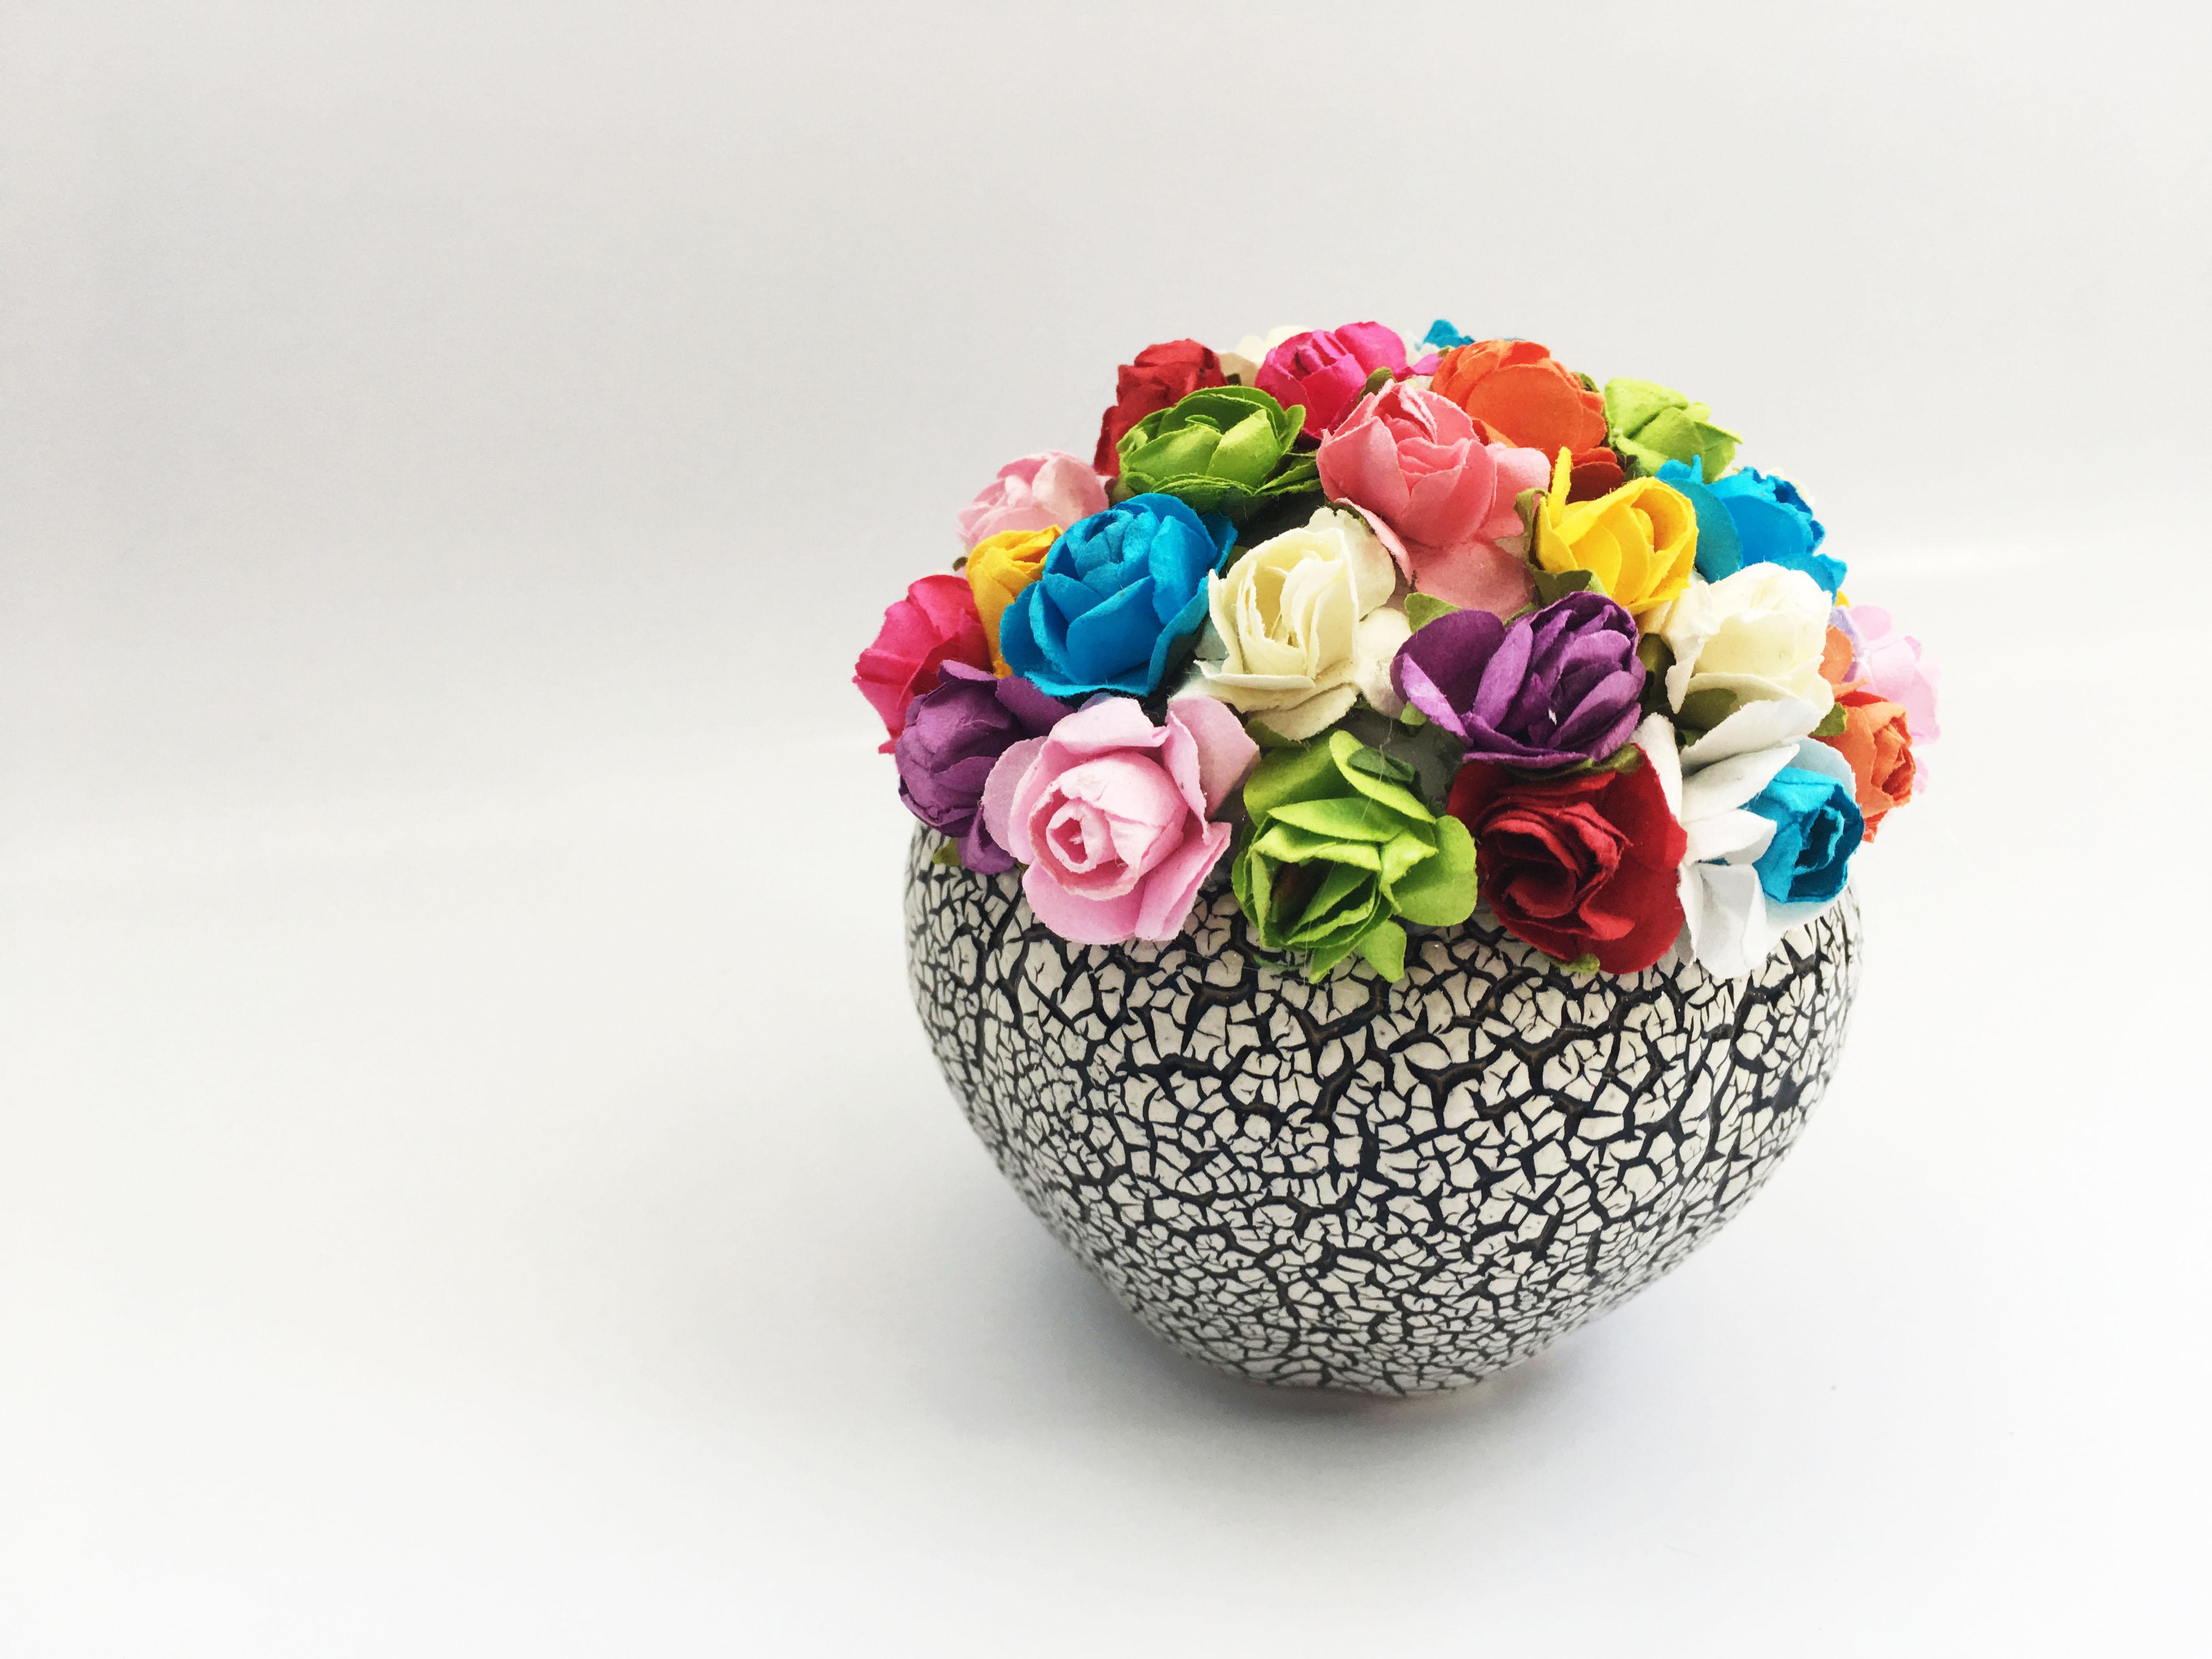 Lọ hoa hồng giấy handmade mini nhiều màu chậu gốm rạn  - Quà tặng trang trí (9x9cm)